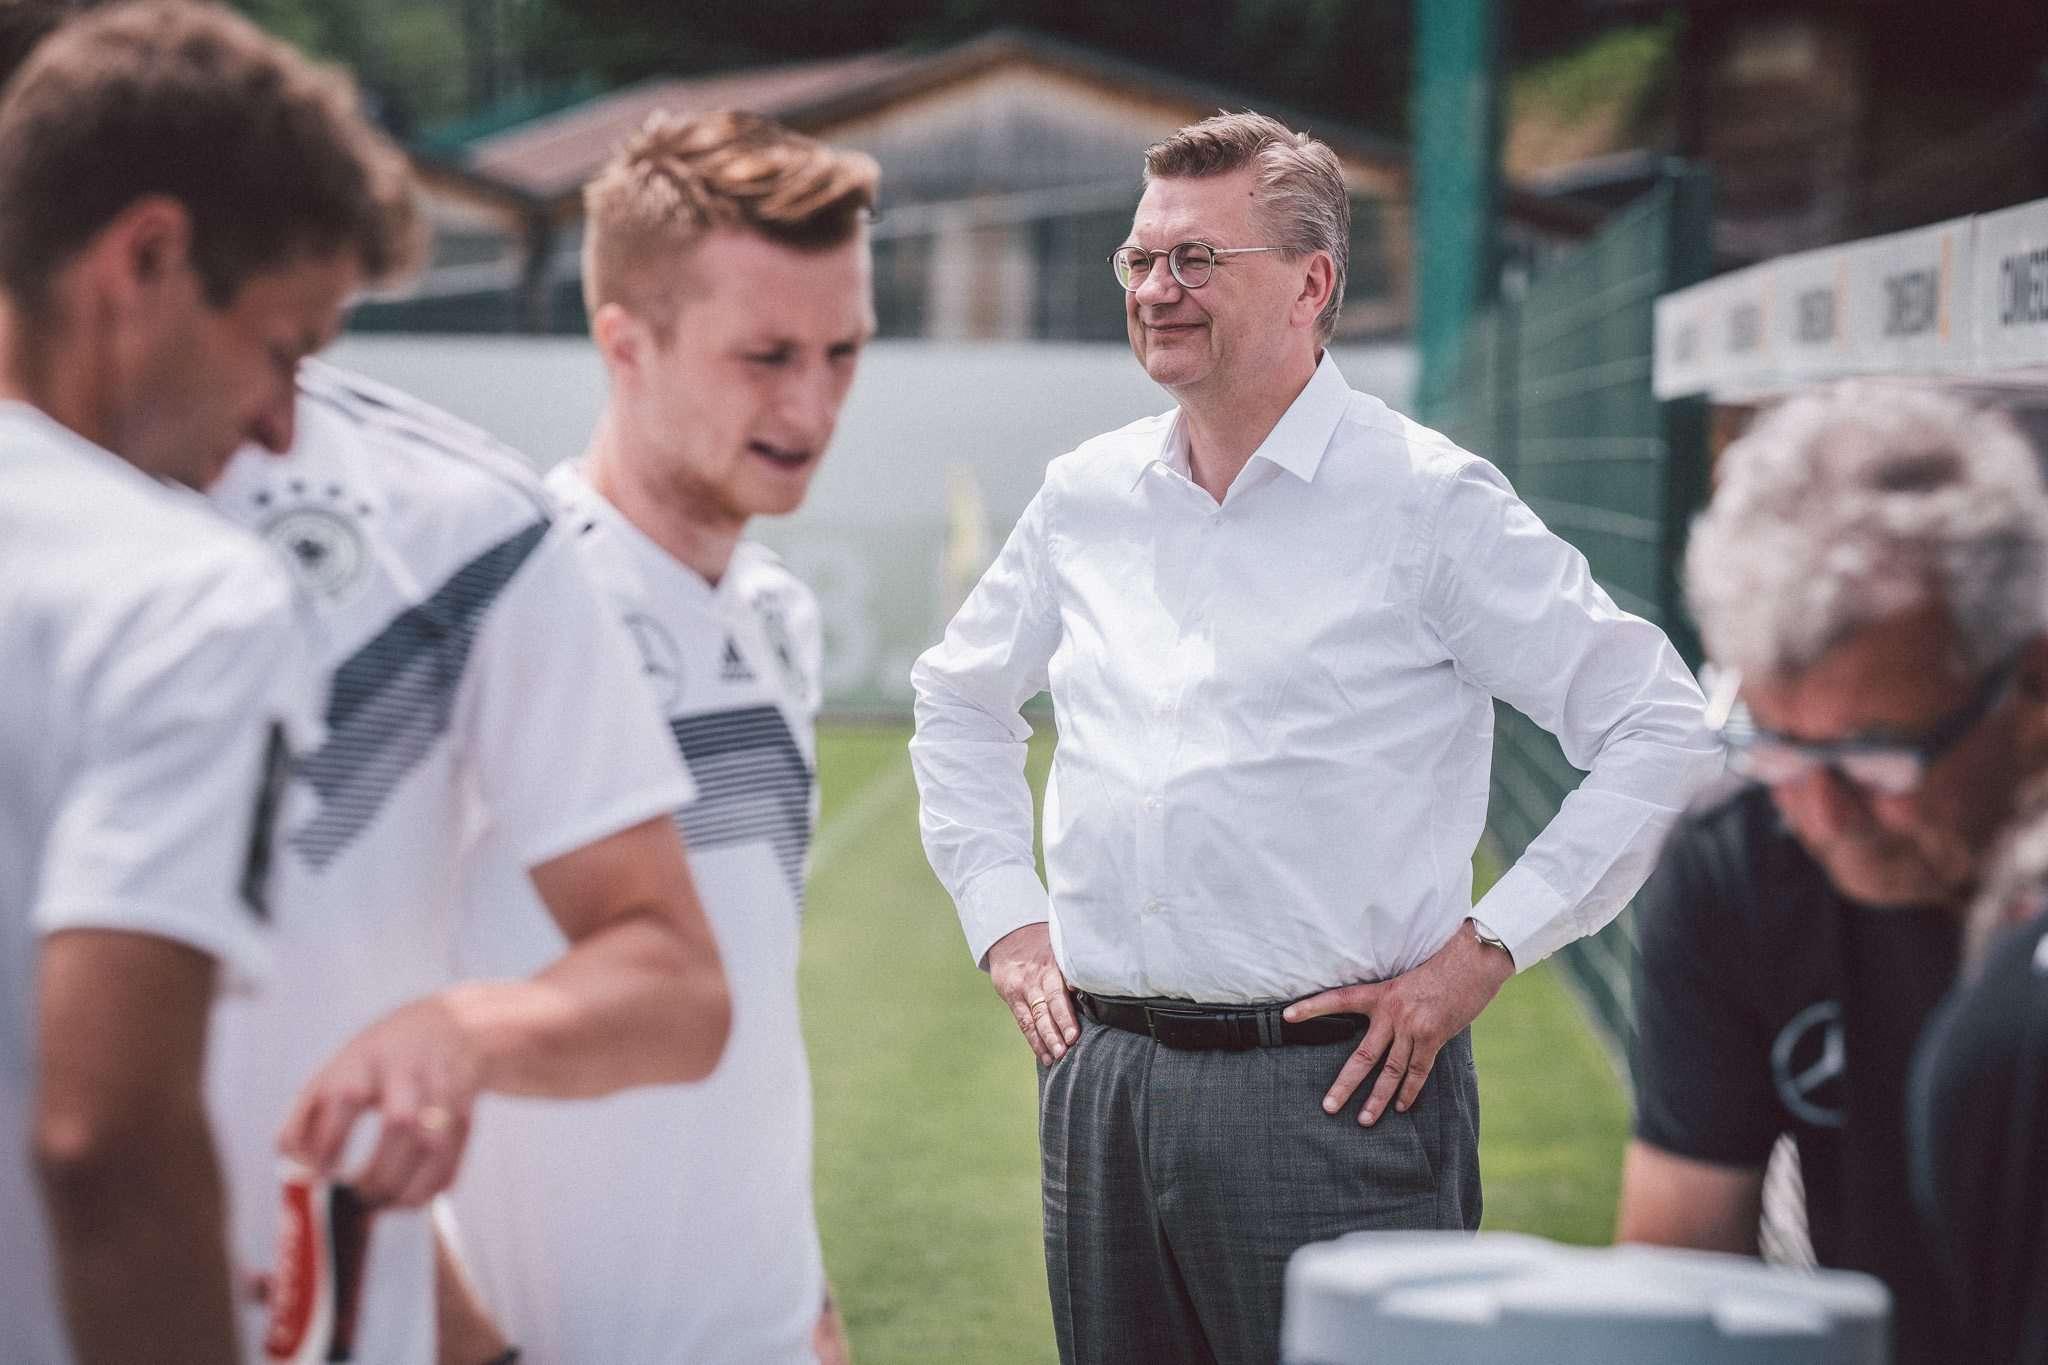 DFB-Präsident Reinhard Grindel im Kreise der Nationalspieler. Der Rotenburger ist fest davon überzeugt, dass die Mannschaft genauso gut ist wie beim WM-Sieg 2014 in Brasilien.